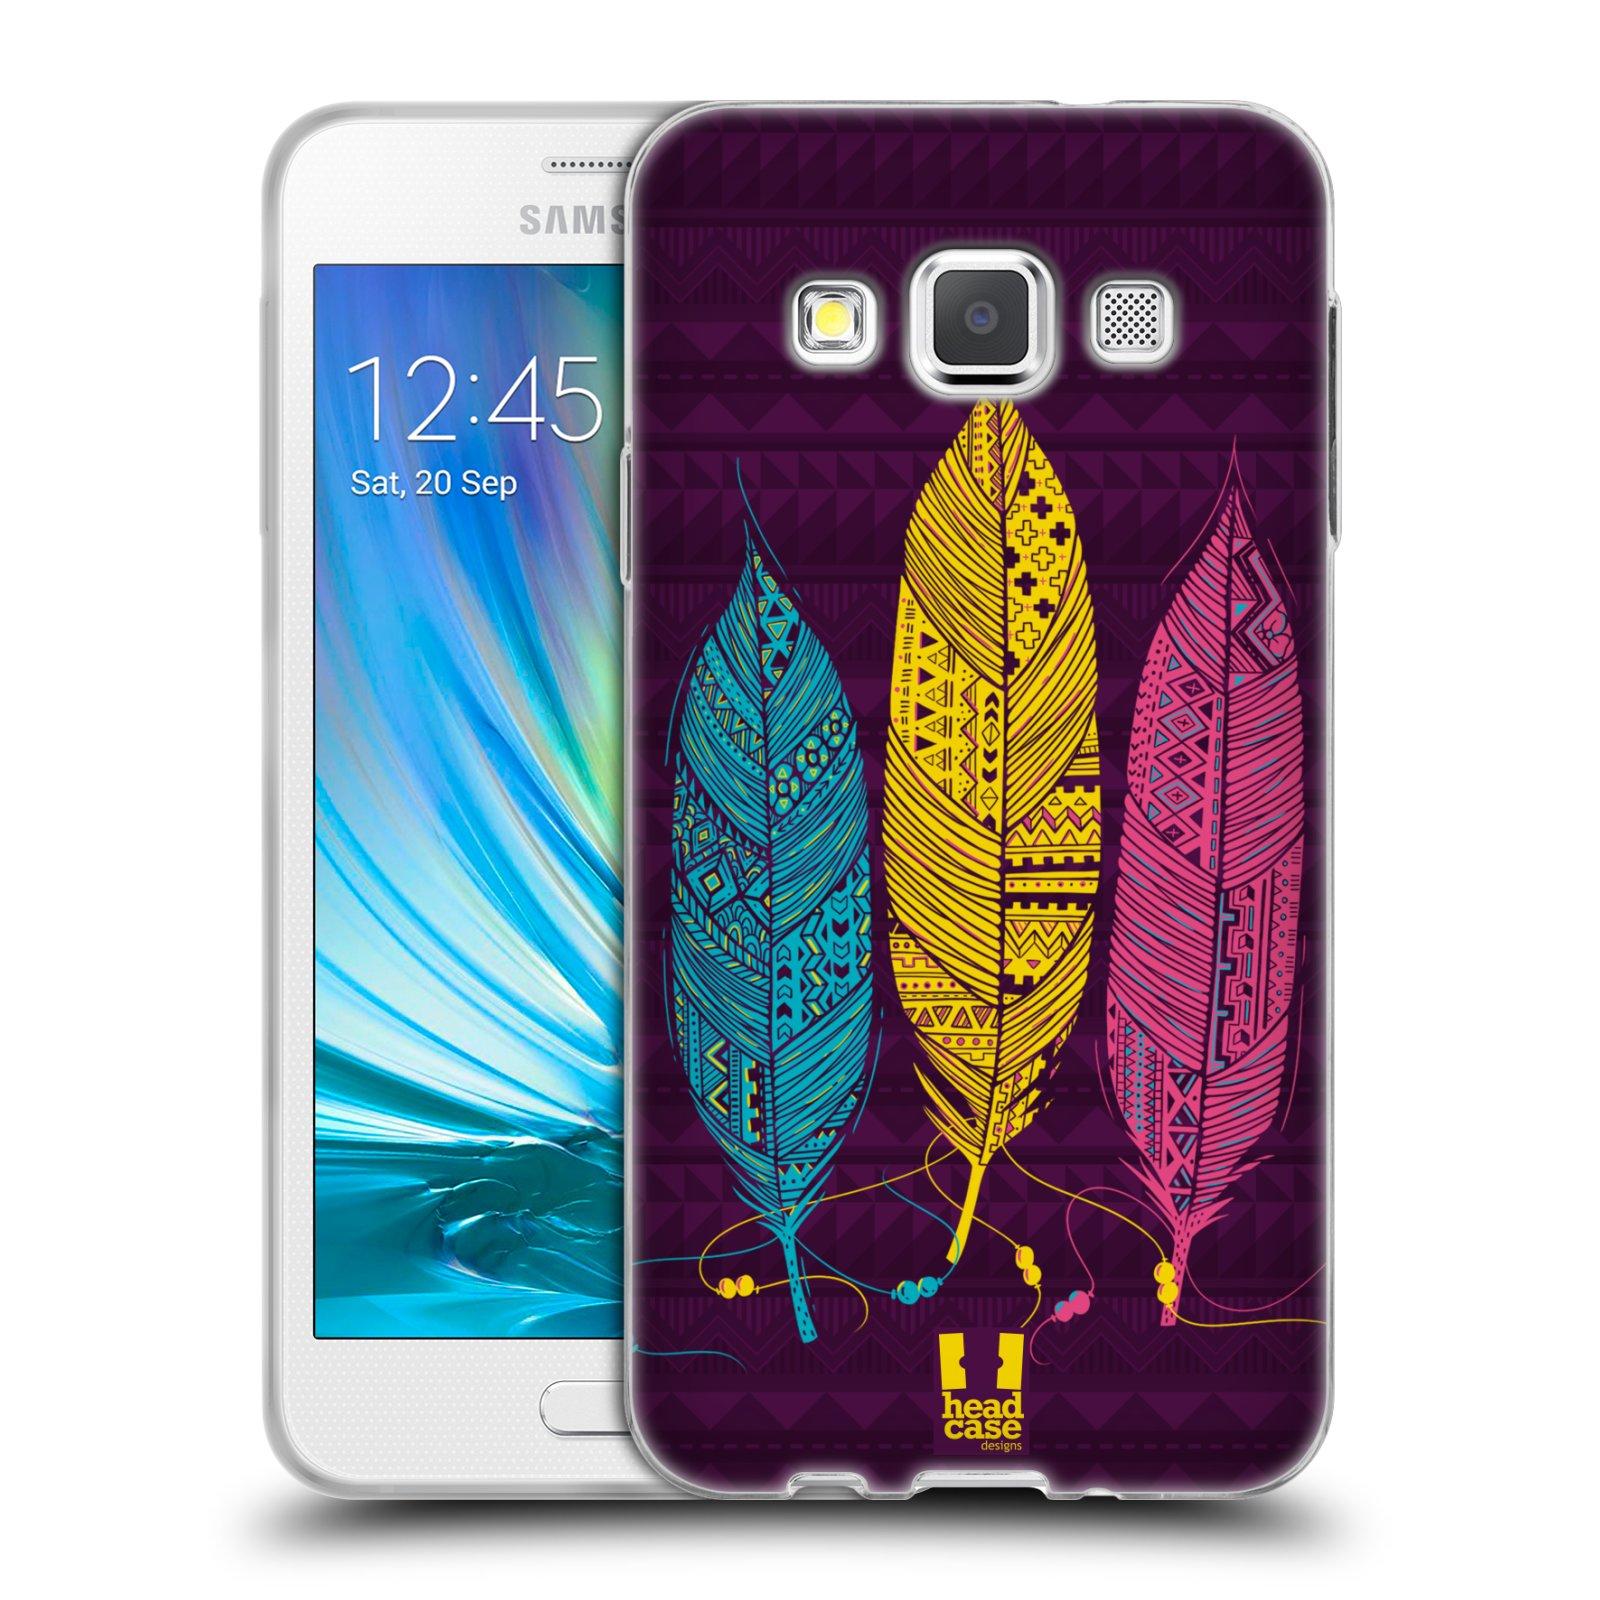 Silikonové pouzdro na mobil Samsung Galaxy A3 HEAD CASE AZTEC PÍRKA 3 BAREV (Silikonový kryt či obal na mobilní telefon Samsung Galaxy A3 SM-A300)